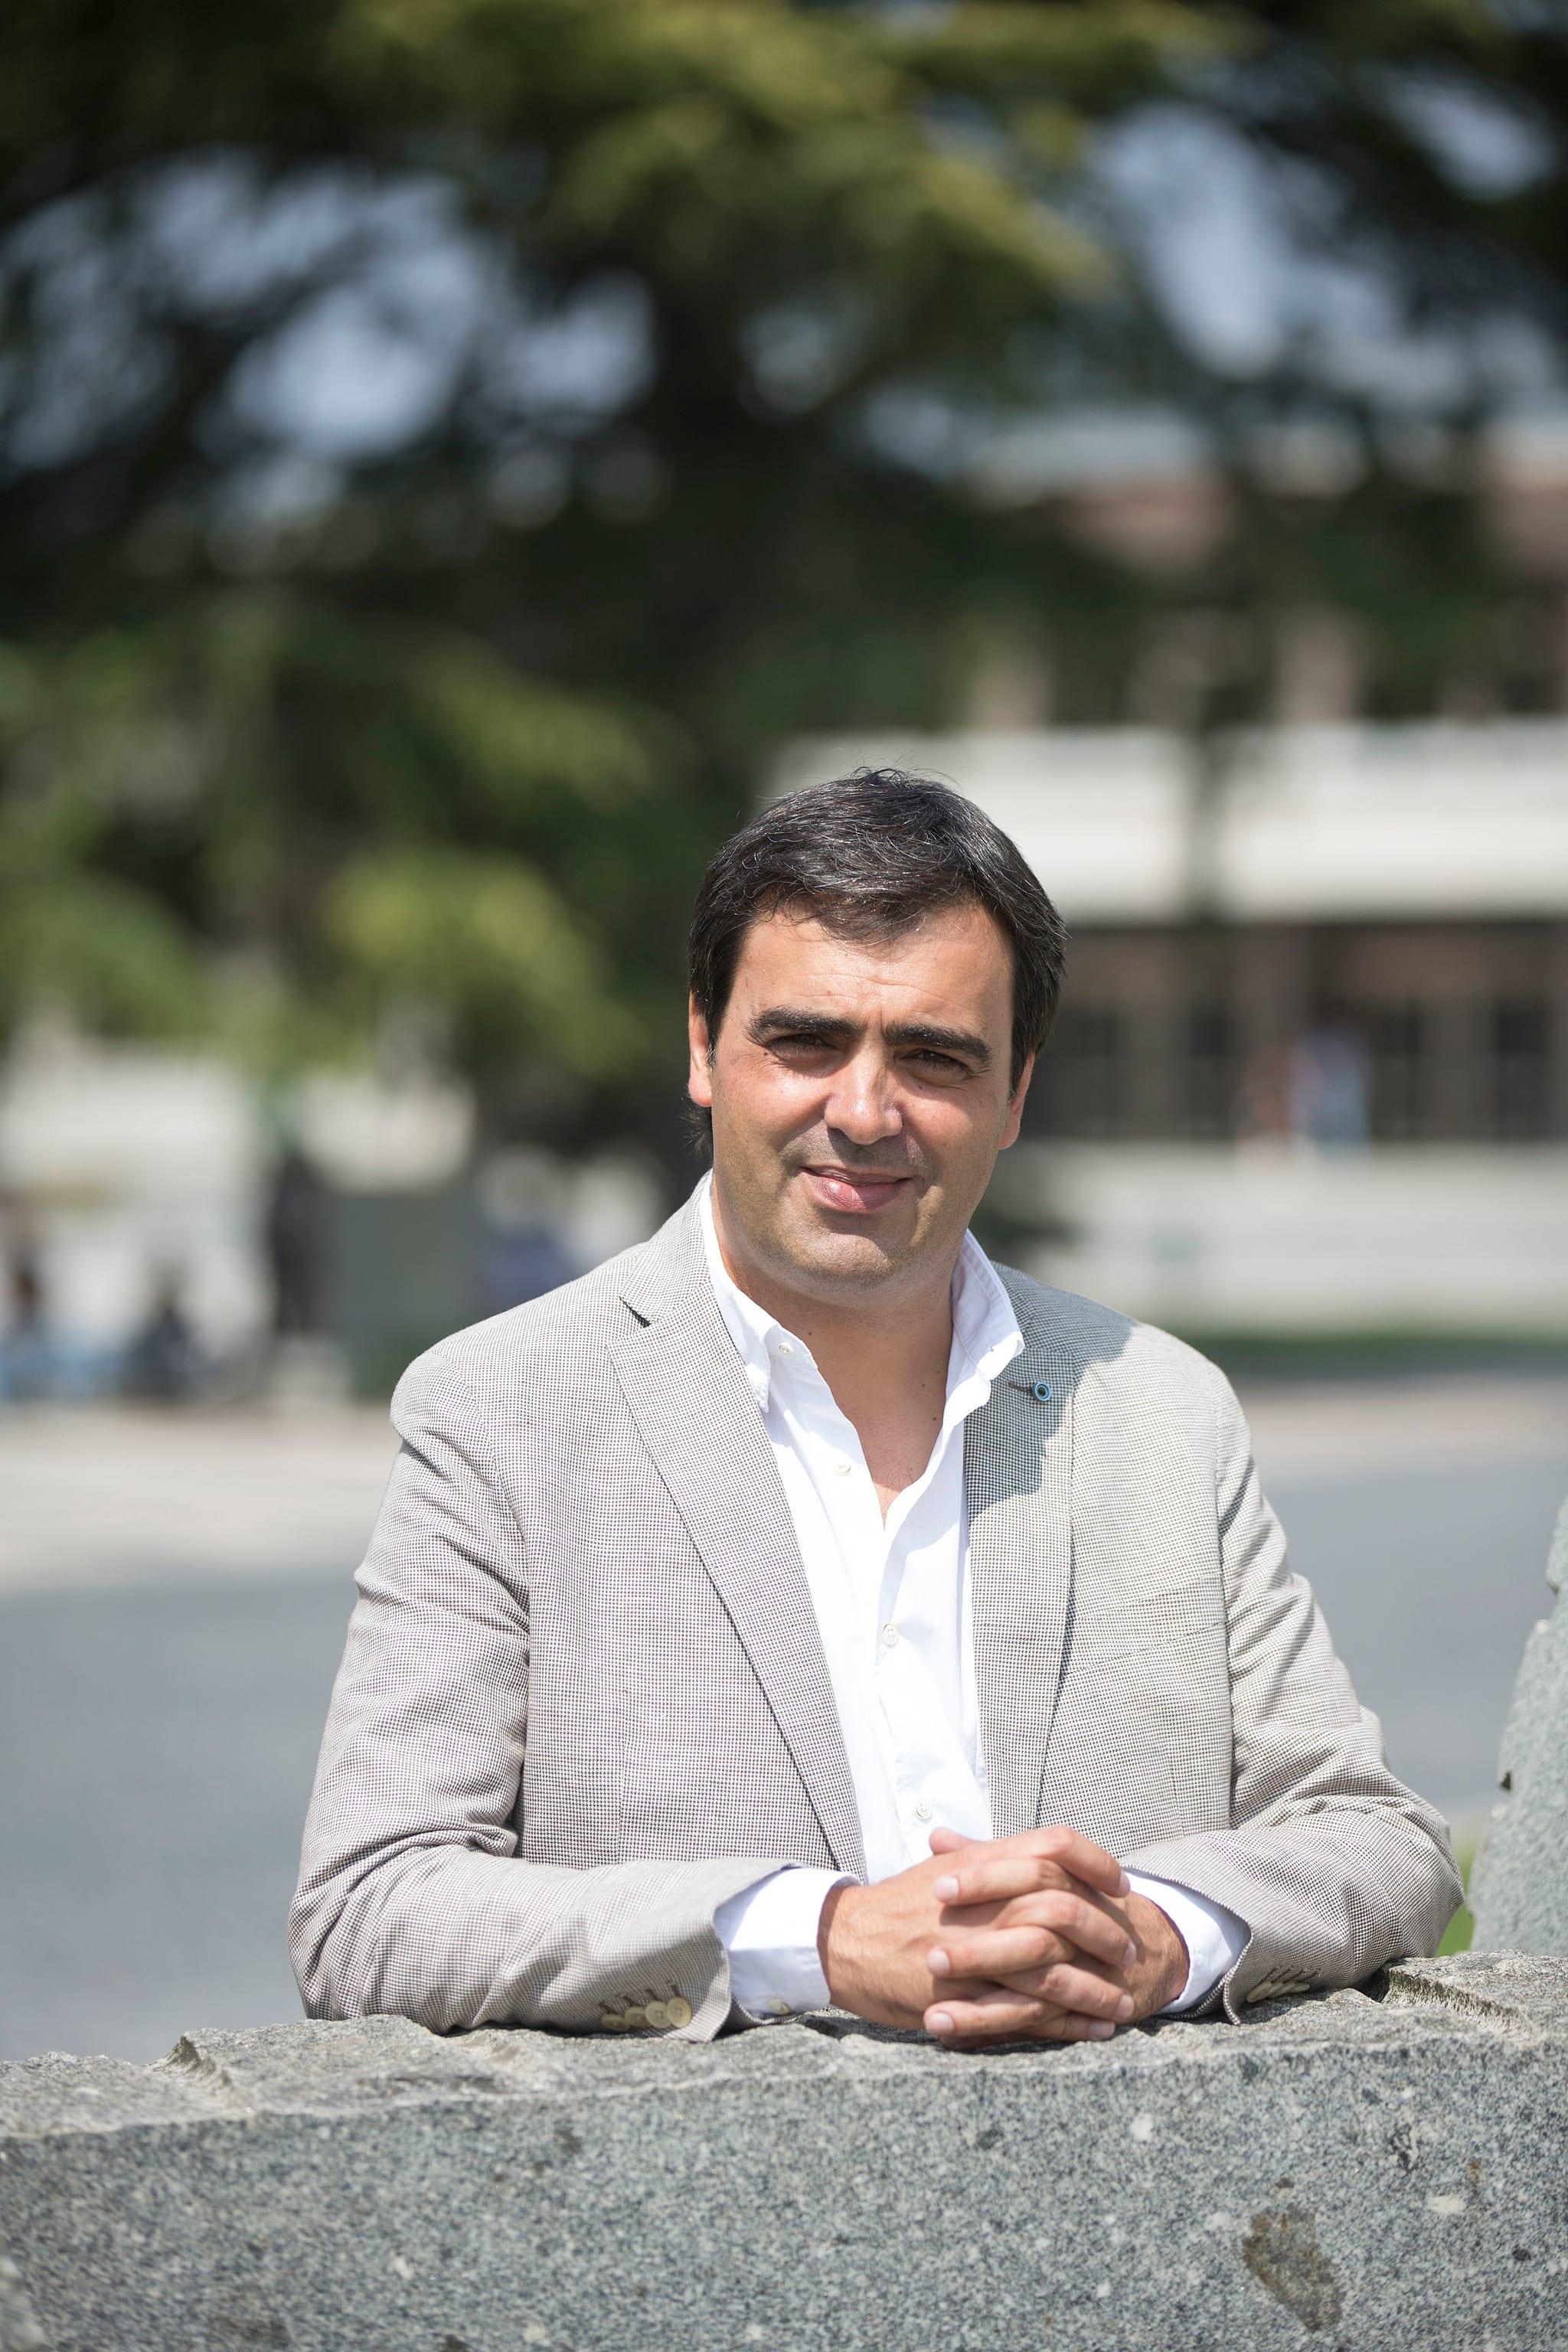 PÚBLICO - Ele dedica-se a homenagear pessoas com sucesso e chama a isso fazer turismo pessoal